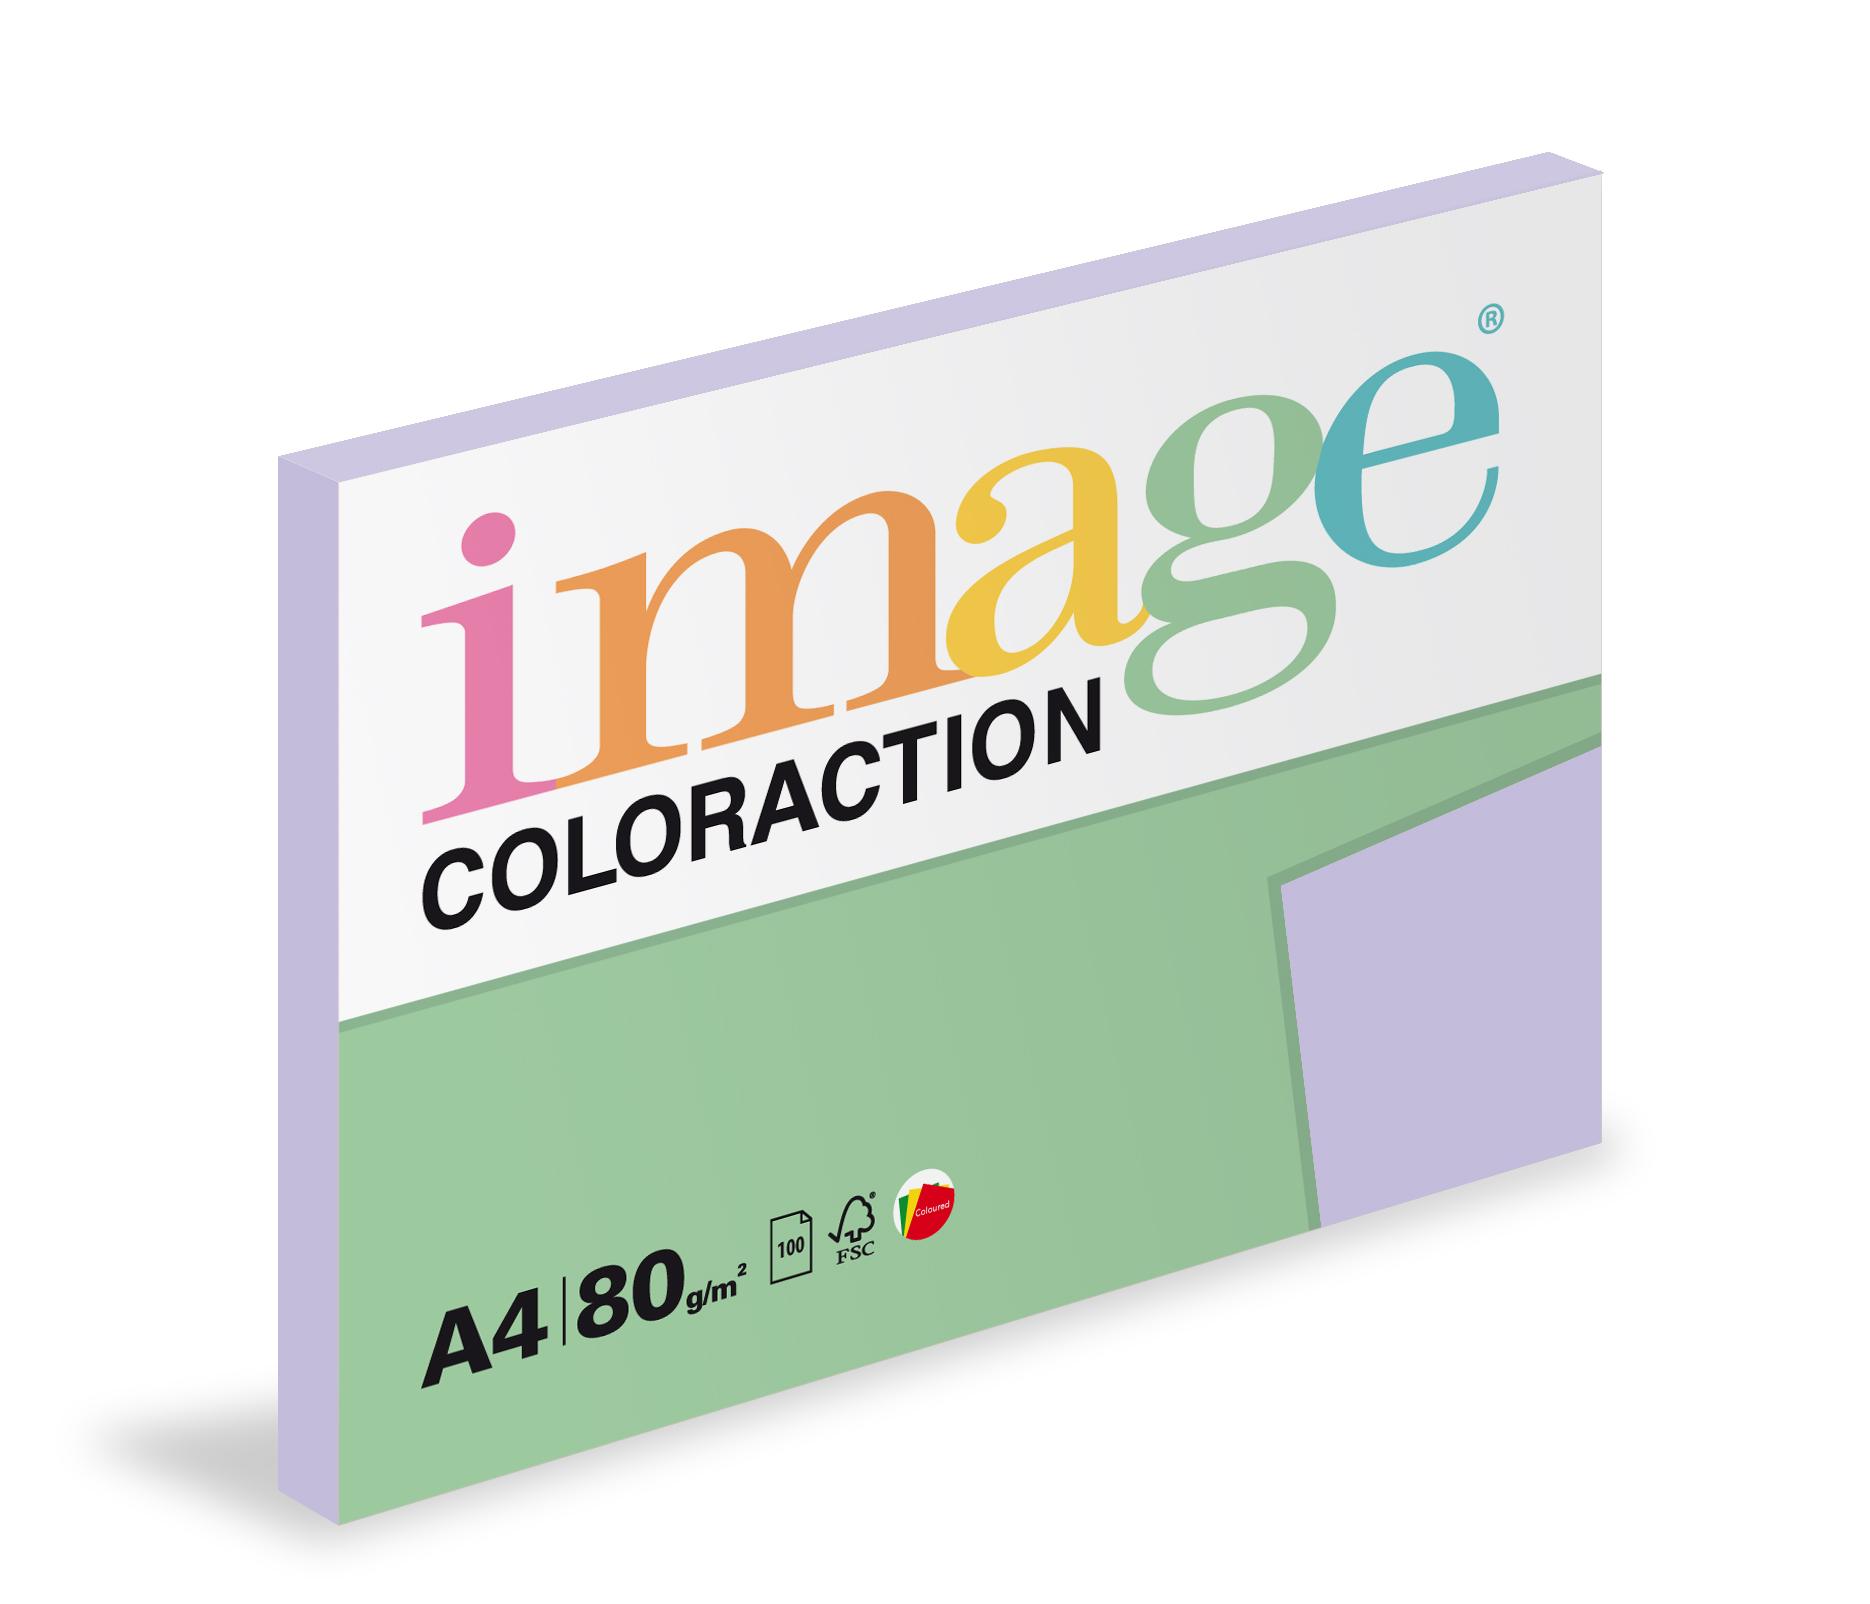 Xerografický papír barevný Coloraction 100 listů - LA12 tundra / pastelově fialová / 100 listů